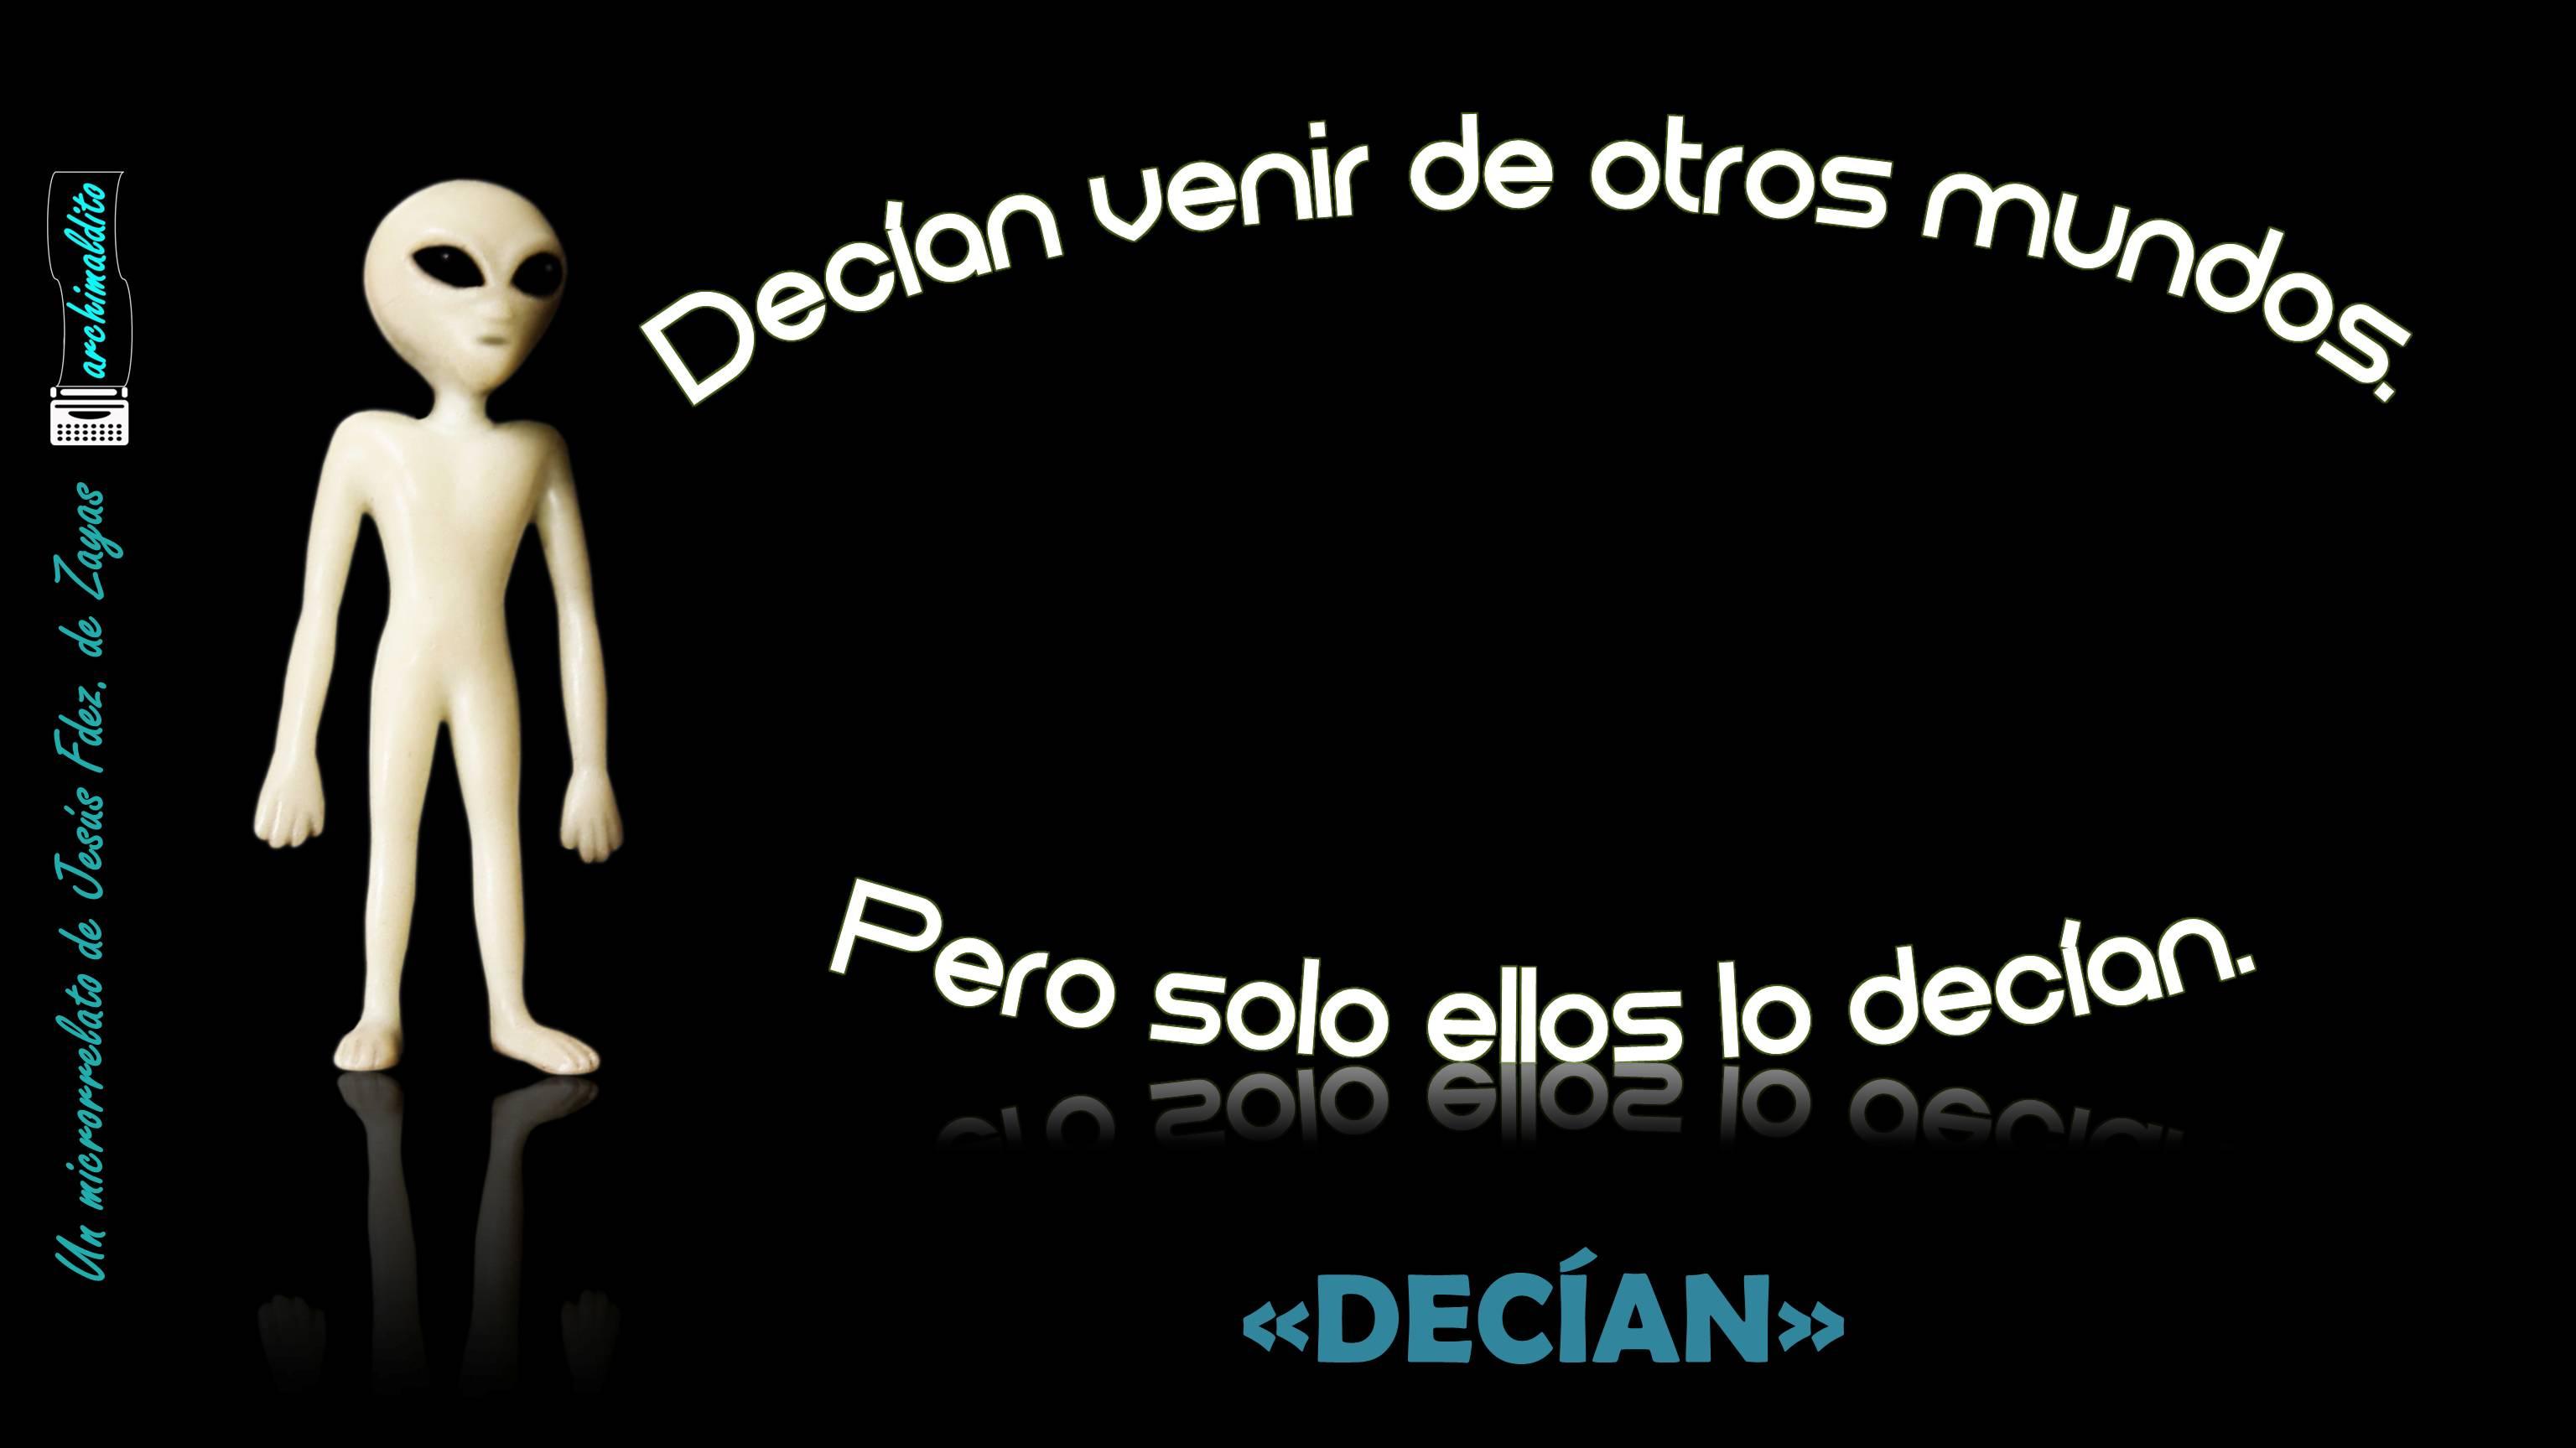 Decian